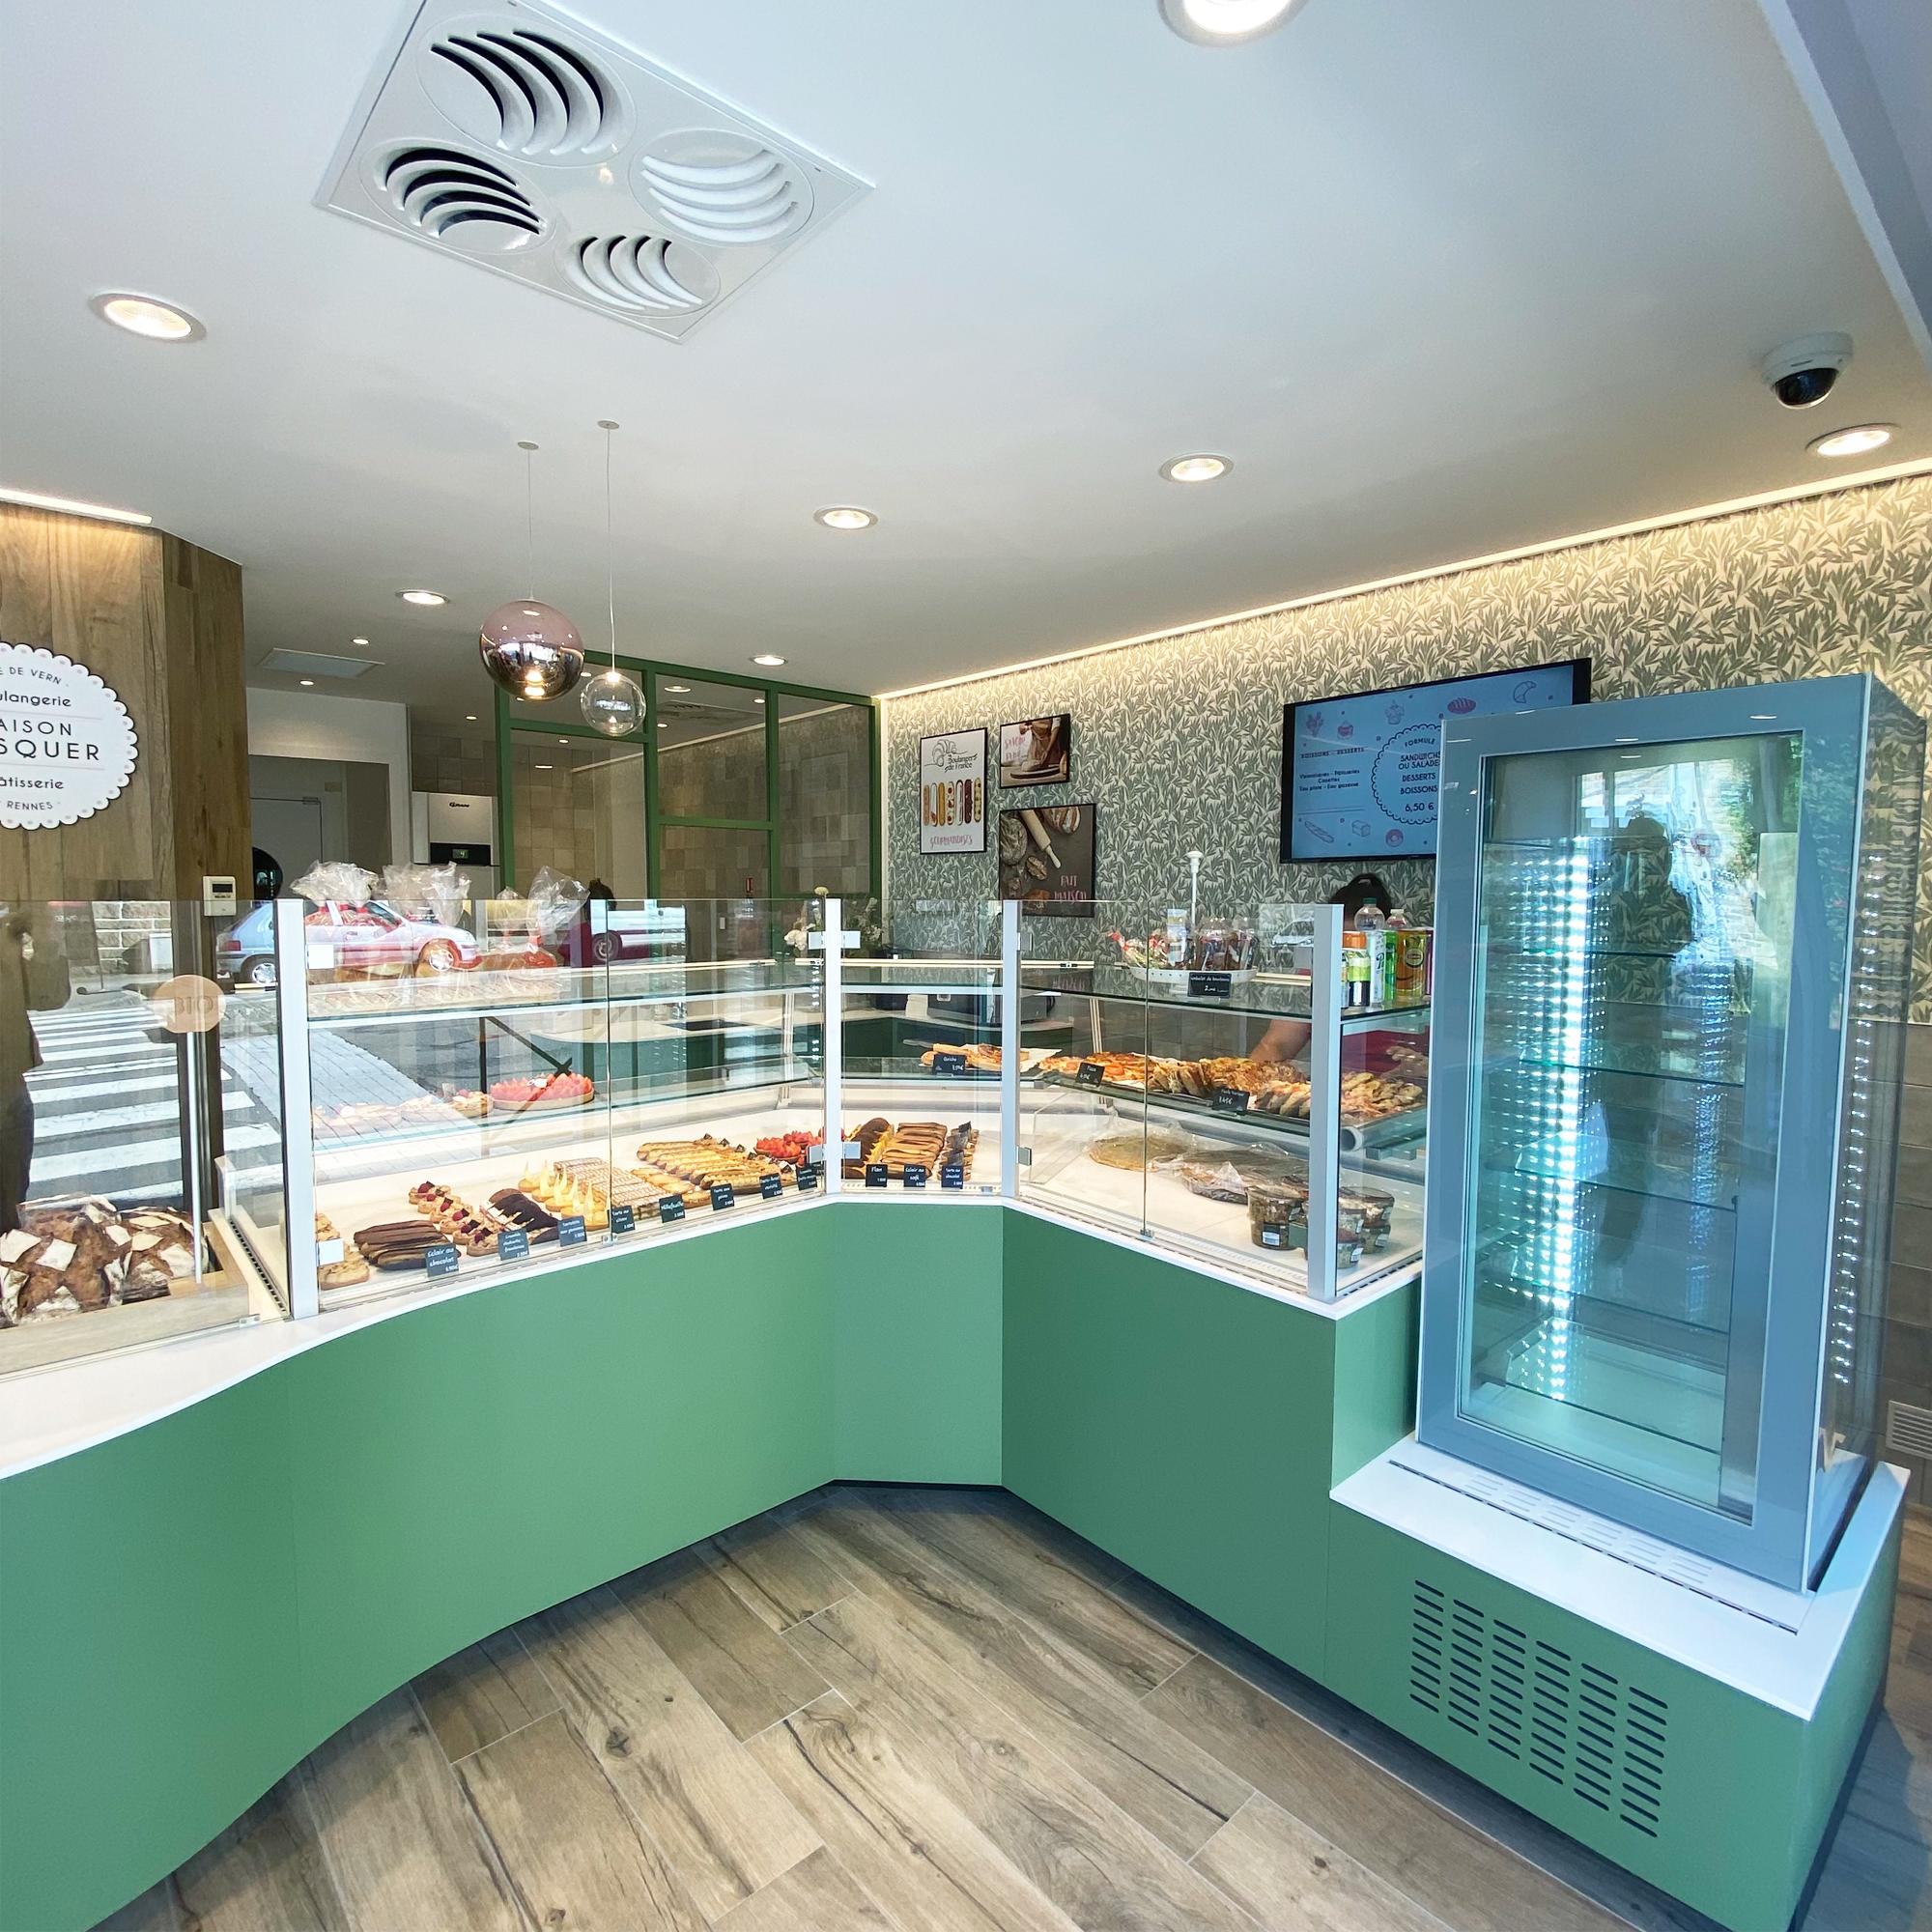 Design intérieur détails rénovation boulangerie rennes architecture